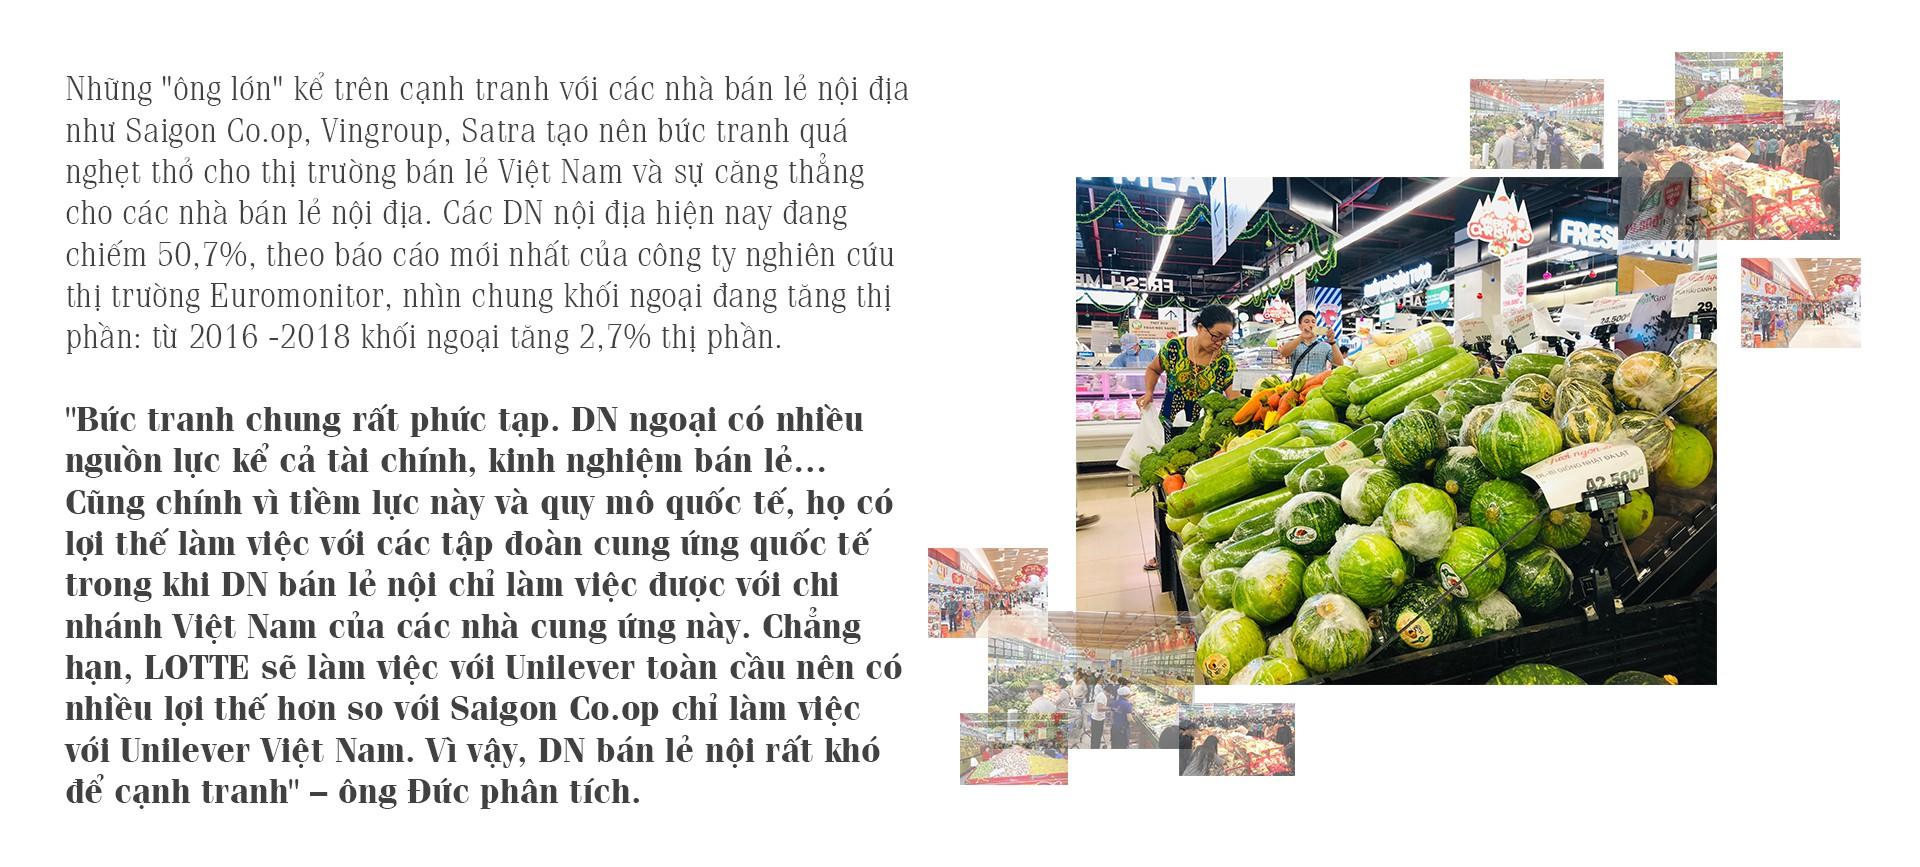 [eMagazine] - Toàn cảnh thị trường bán lẻ Việt Nam: Cuộc chơi chỉ mới bắt đầu! - Ảnh 5.